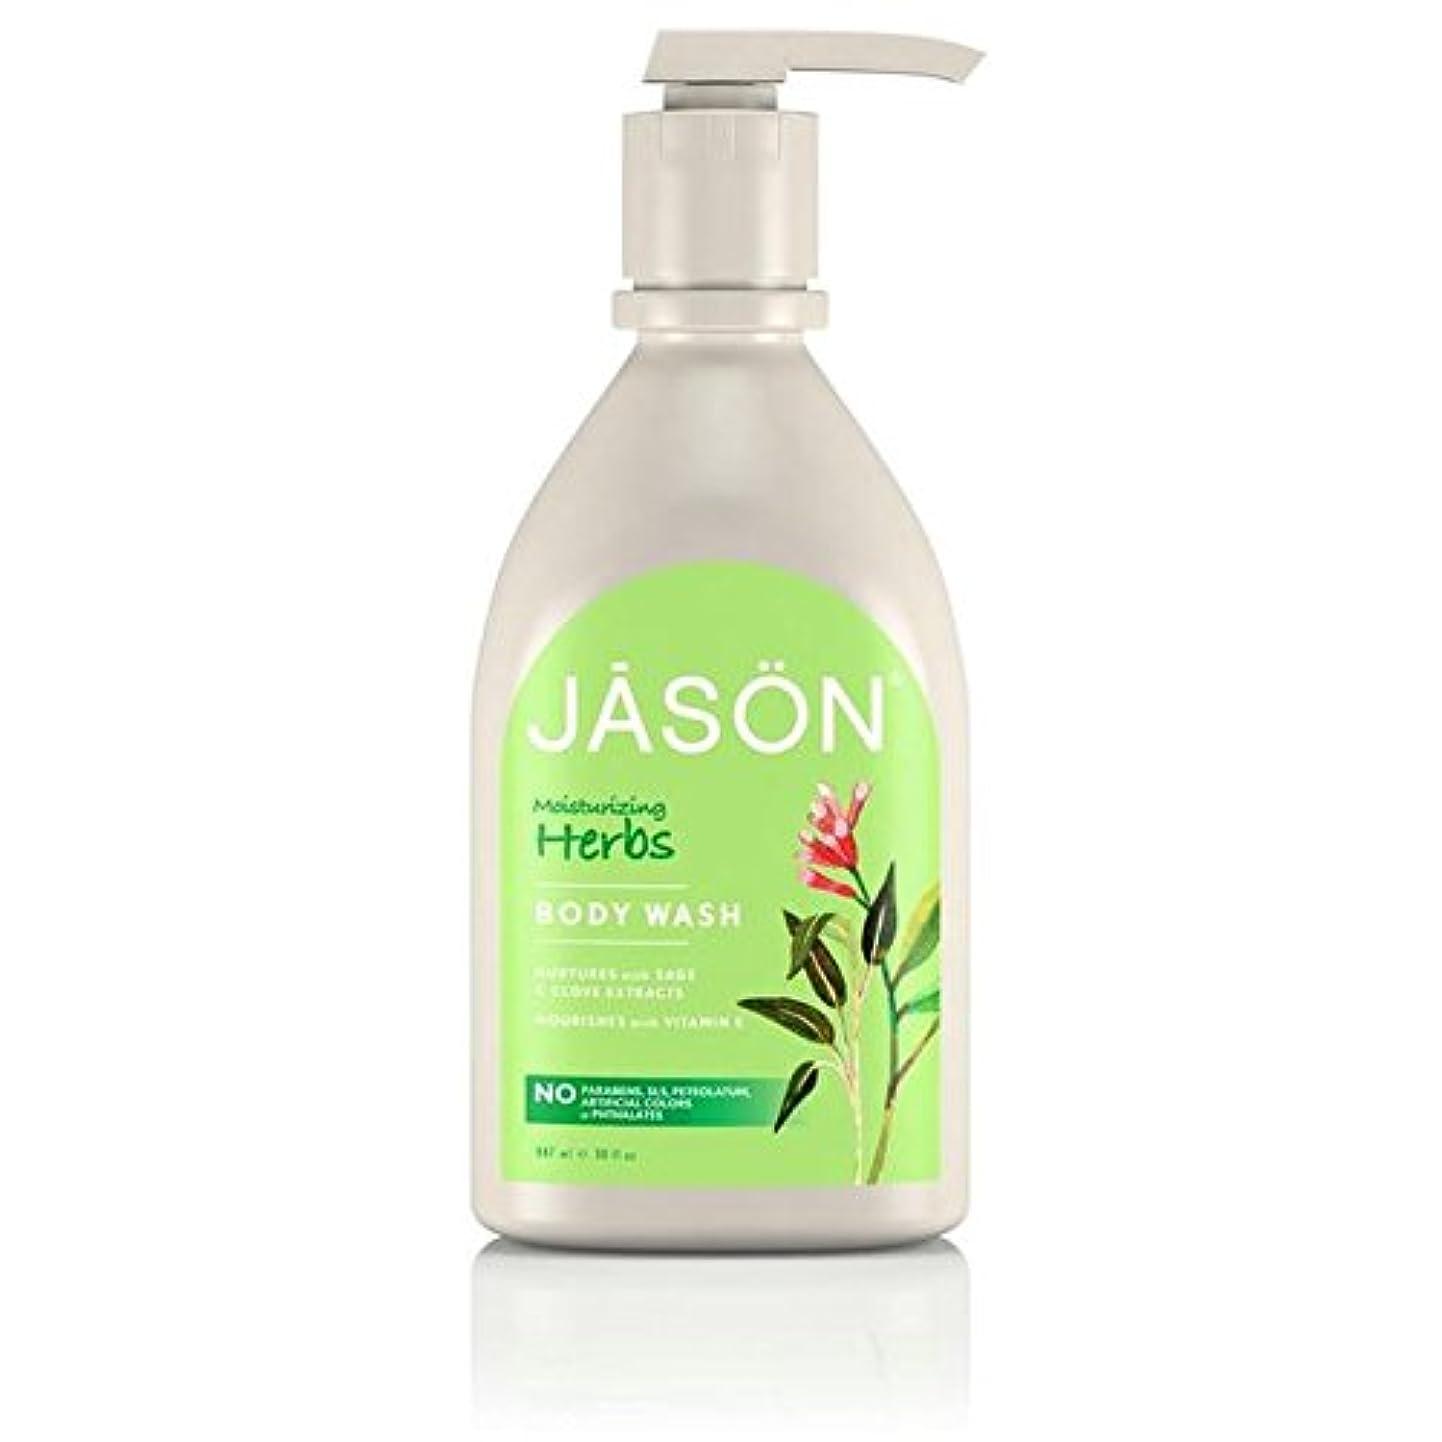 せがむ特定のなめるJason Herbal Satin Body Wash Pump 900ml (Pack of 6) - ジェイソン?ハーブサテンボディウォッシュポンプ900ミリリットル x6 [並行輸入品]